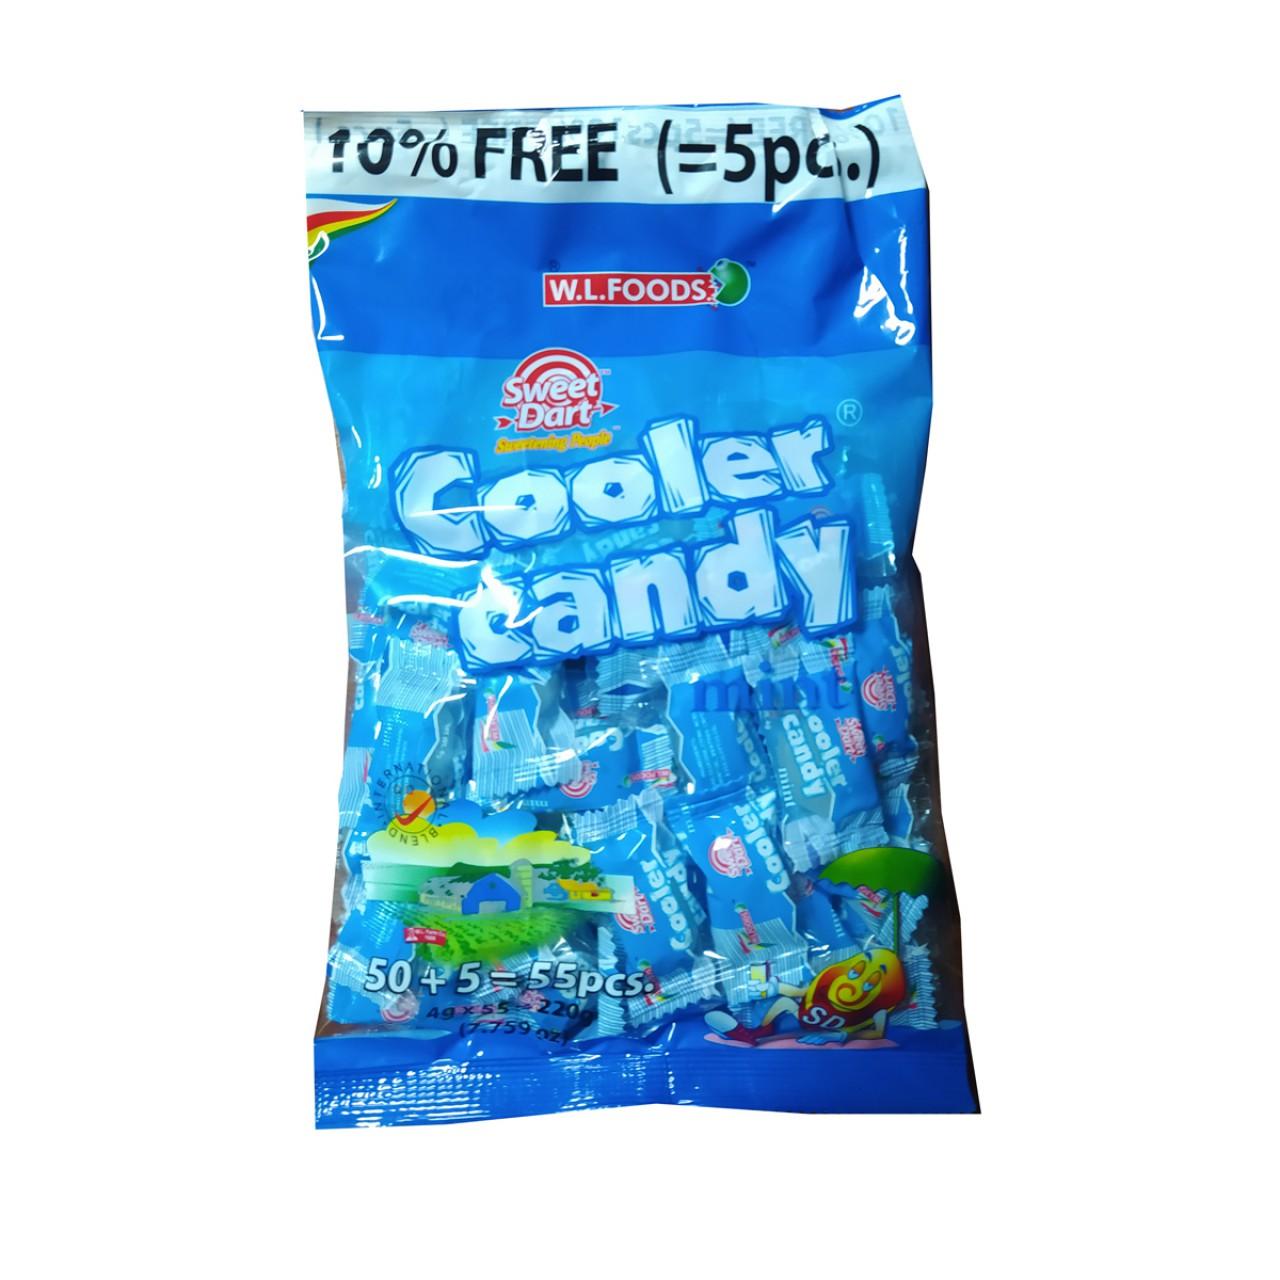 SWEET DART COOLER CANDY 4GX50S